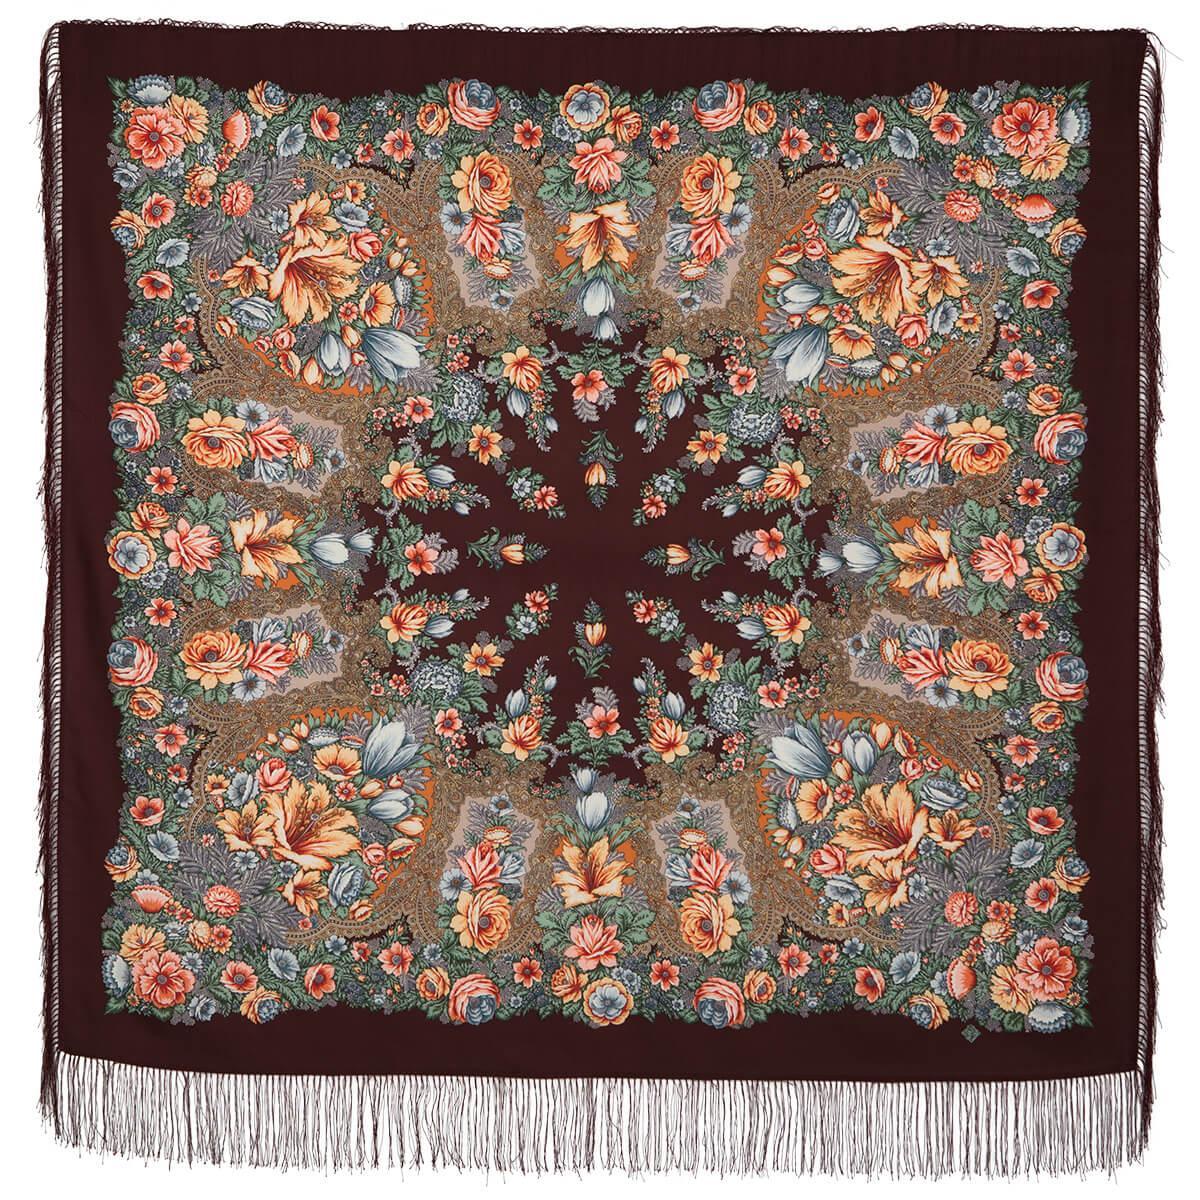 Павлопосадский платок Цветочная симфония 1120-7 (135х135 см)